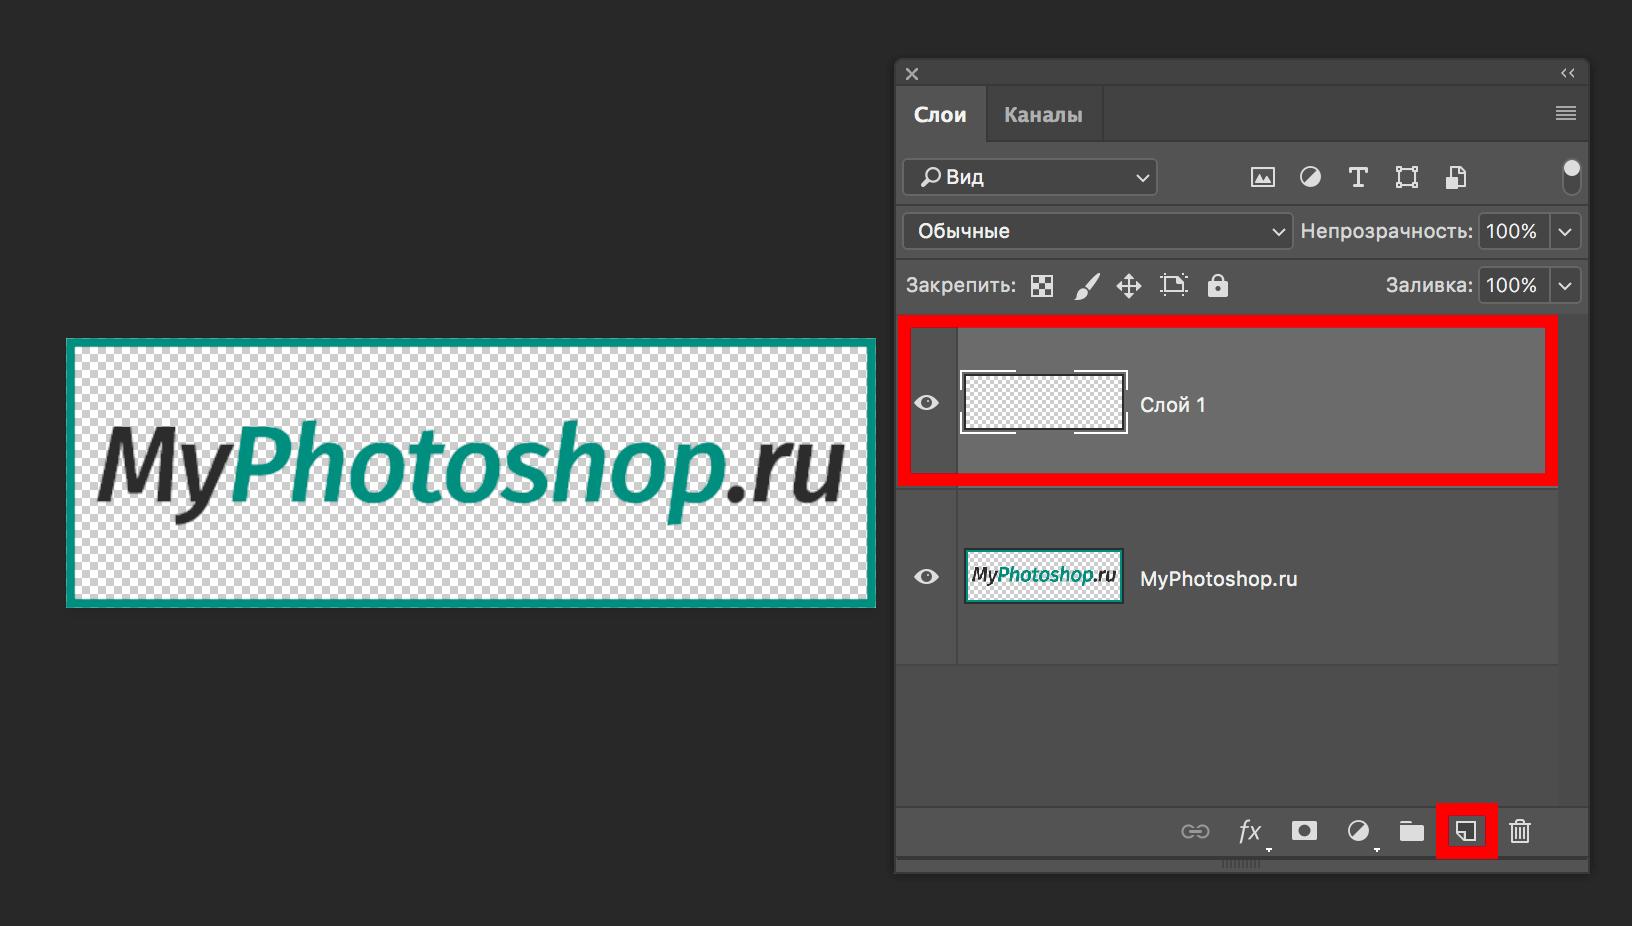 Как сделать слой в Фотошопе прозрачным